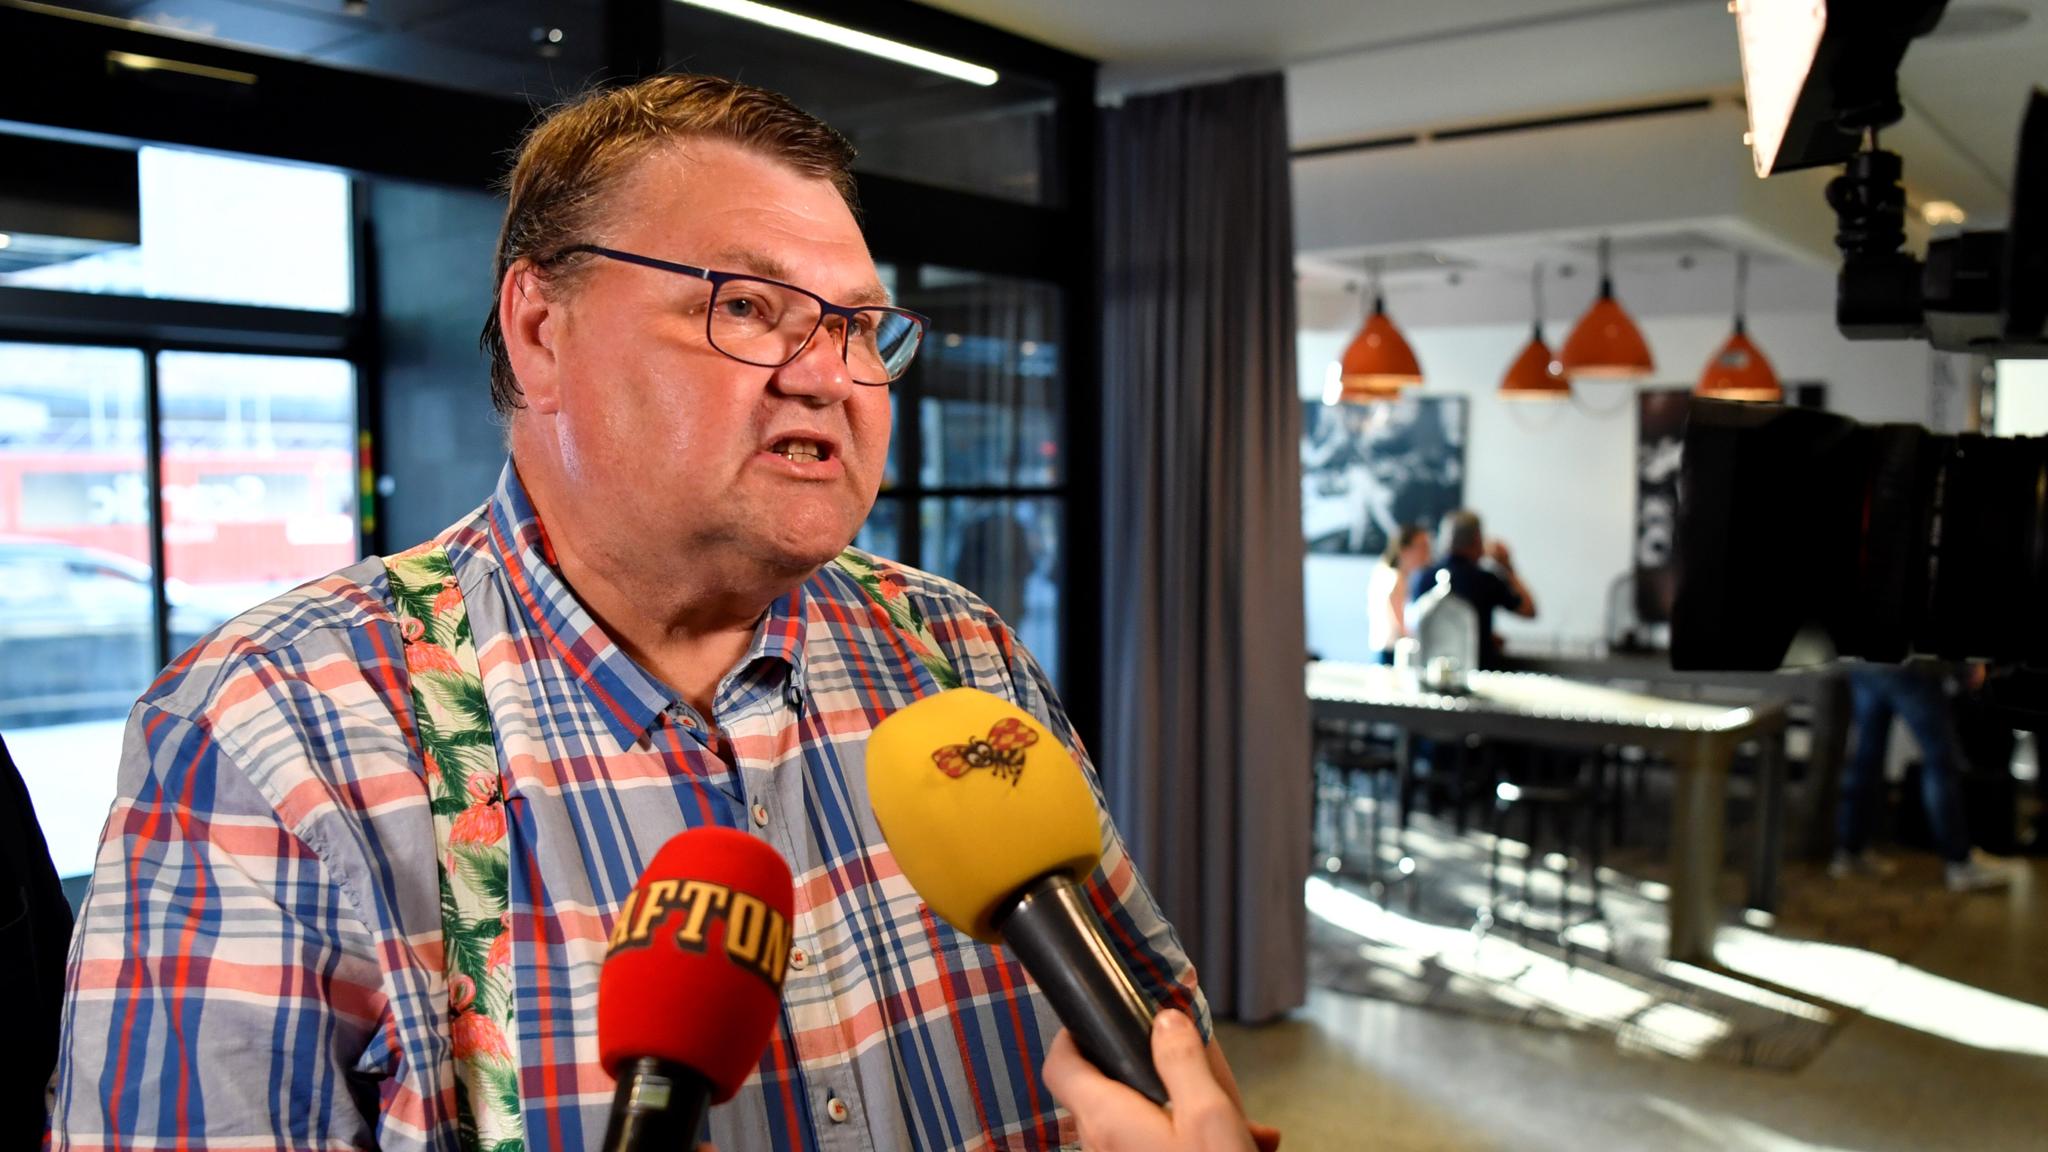 Sverigedemokratisk motattack, ommöblering i svenska dagstidningsägandet får konsekvenser, ständigt prisregn över skrytsamma medier